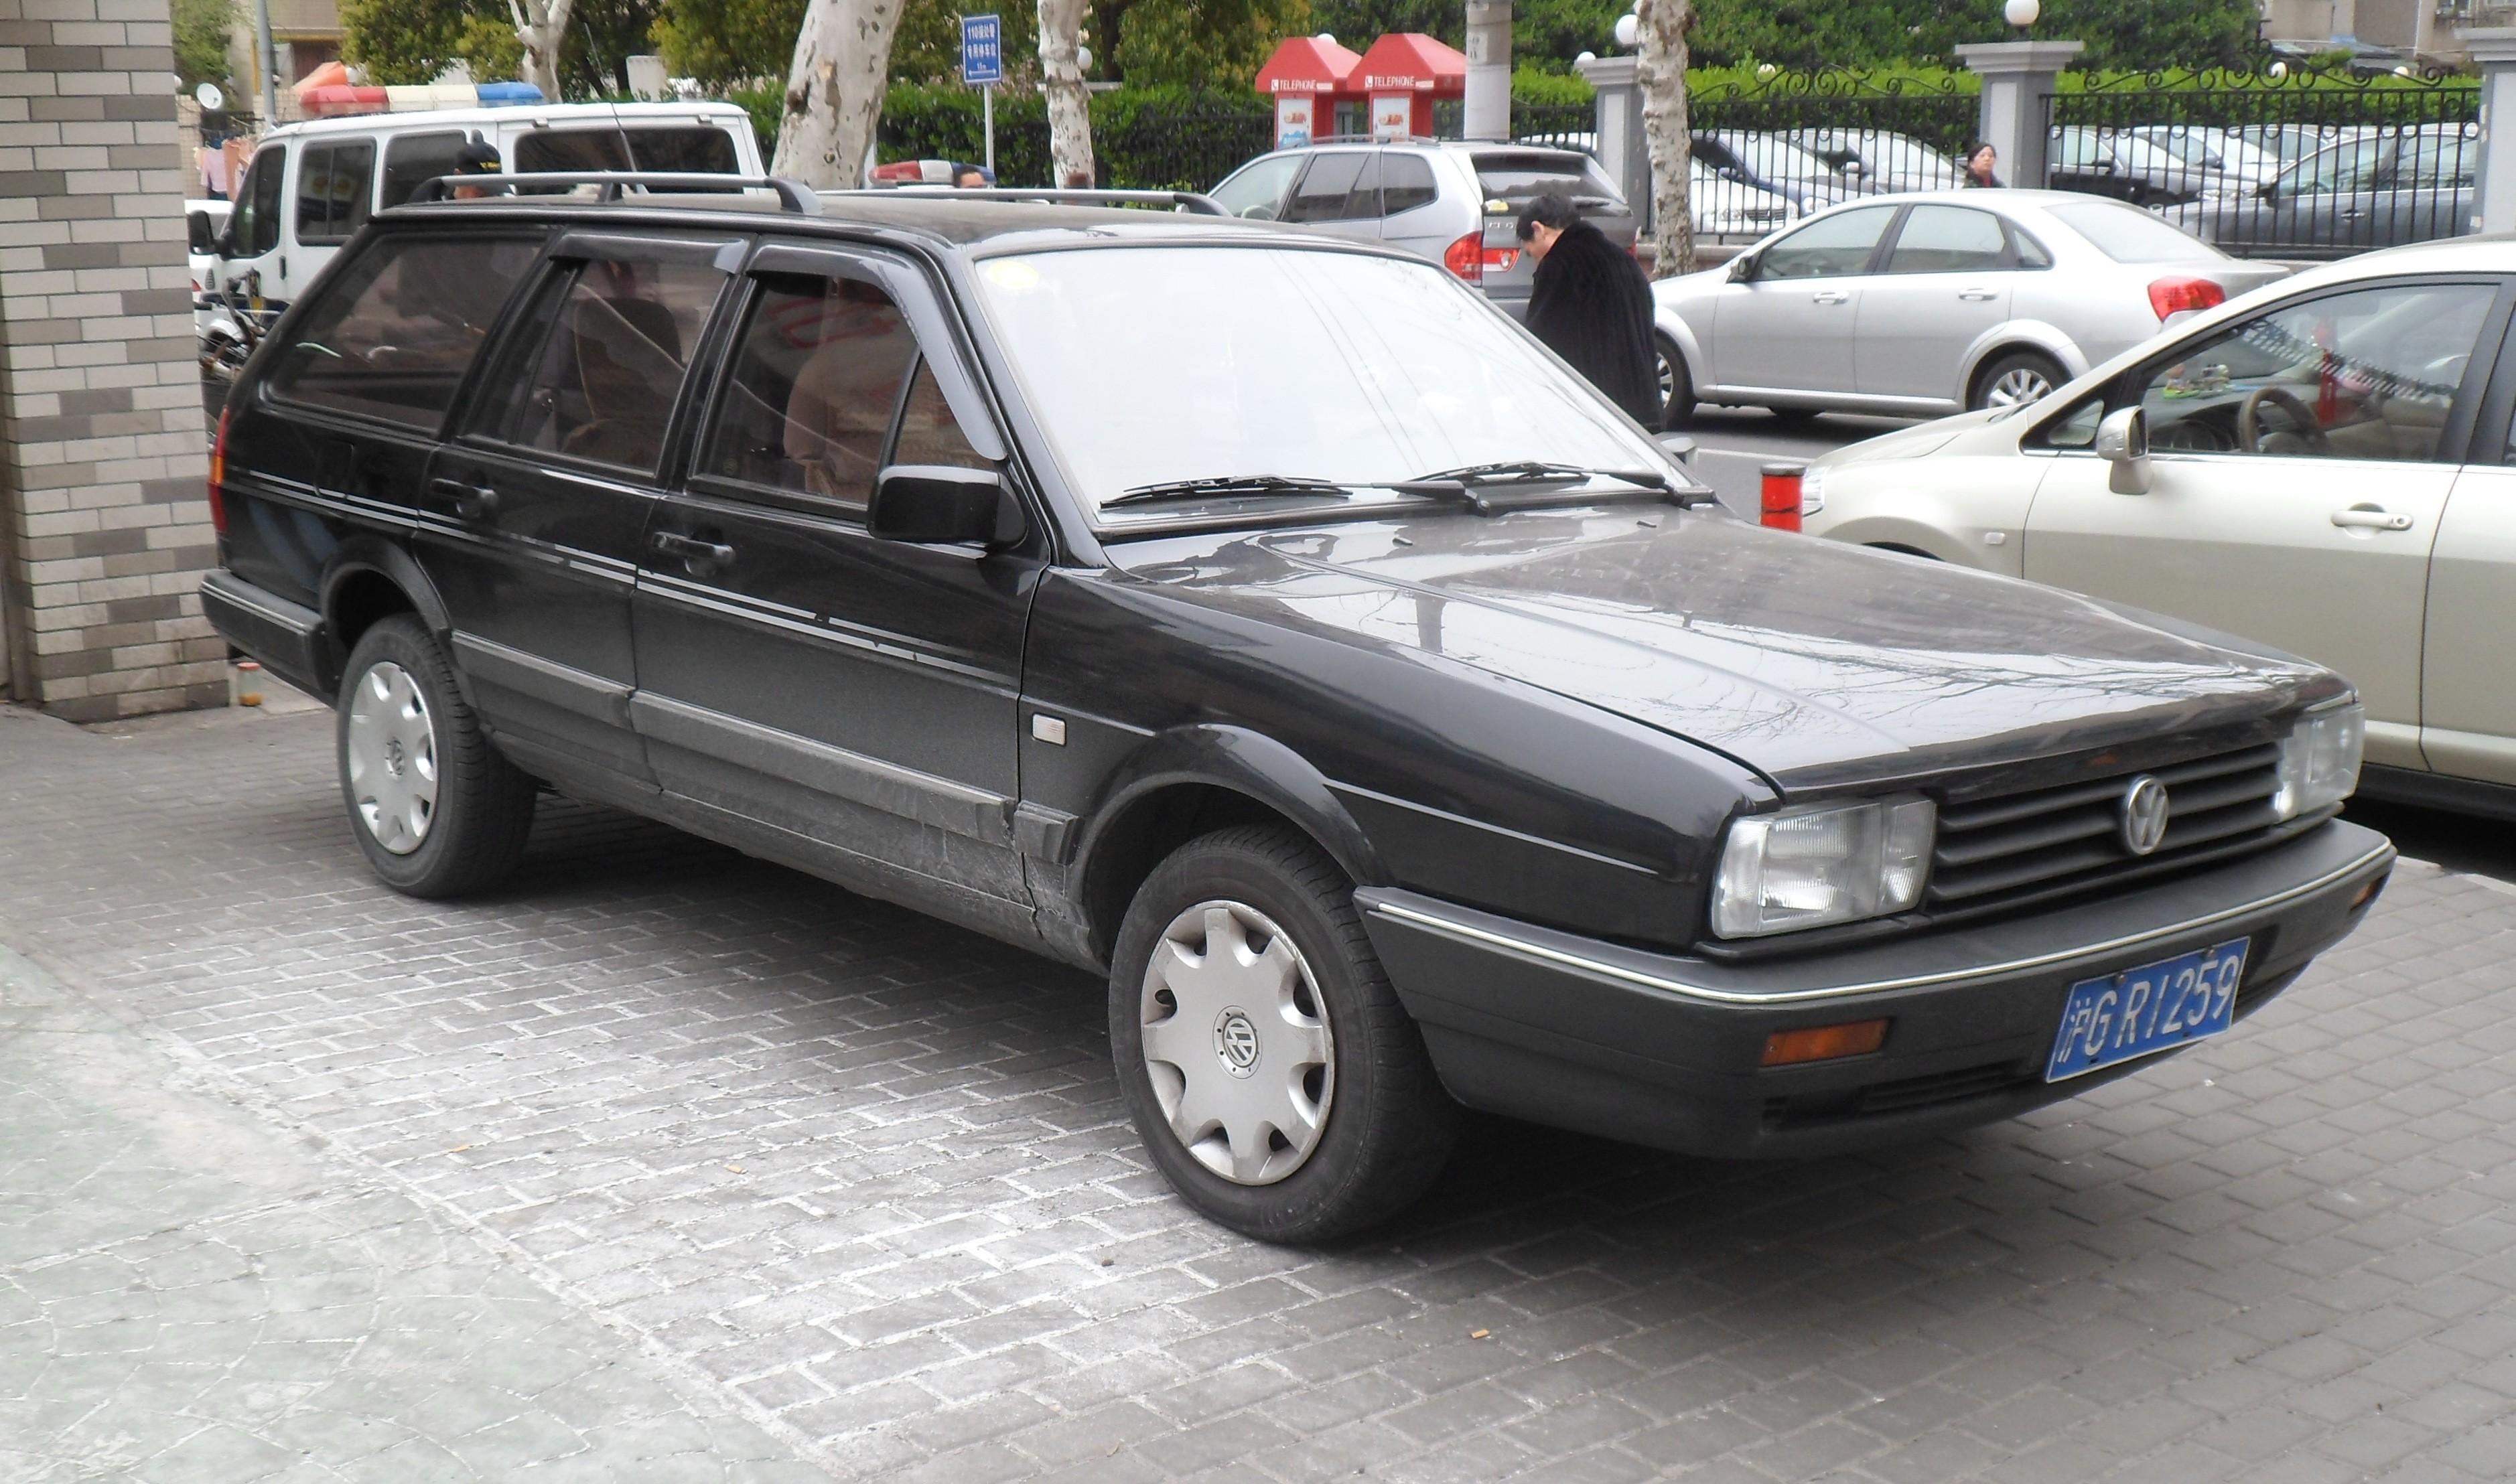 VW SANTANA Variant